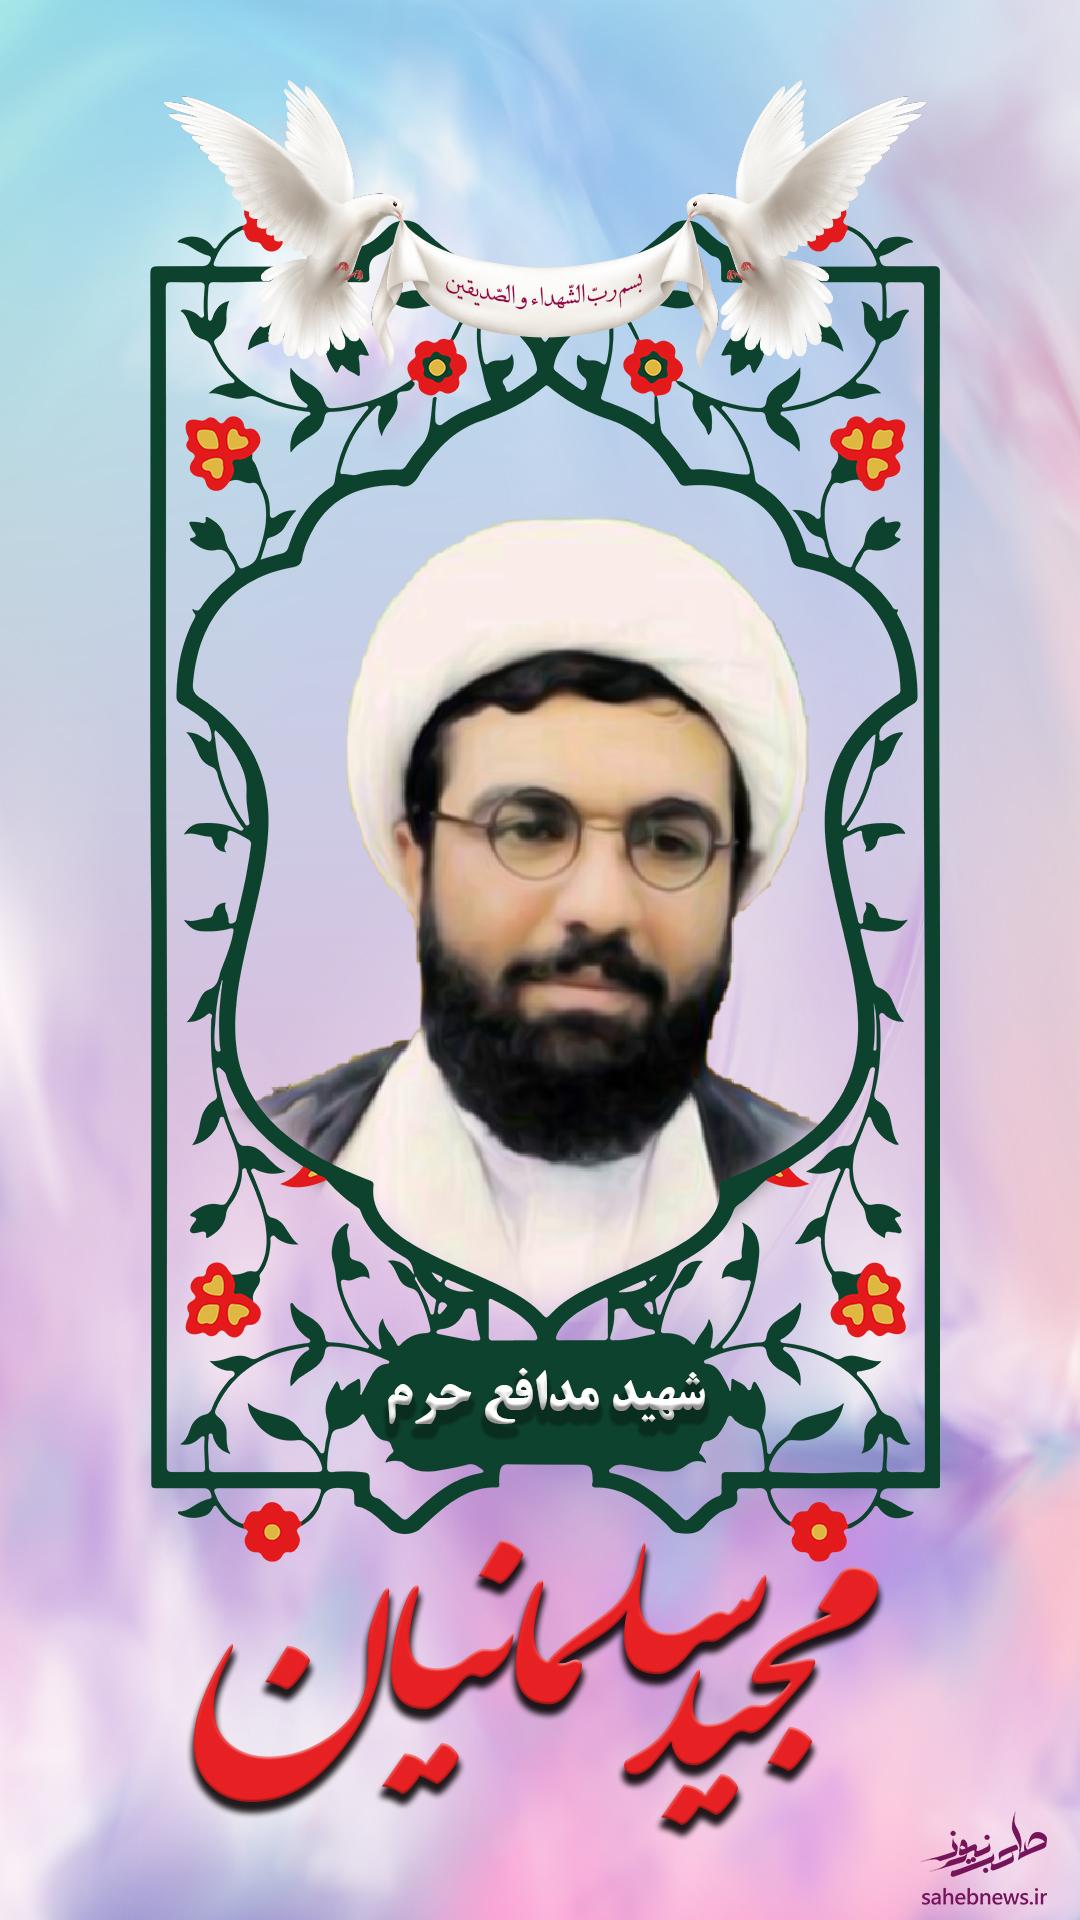 شهید مجید سلمانیان صاحب